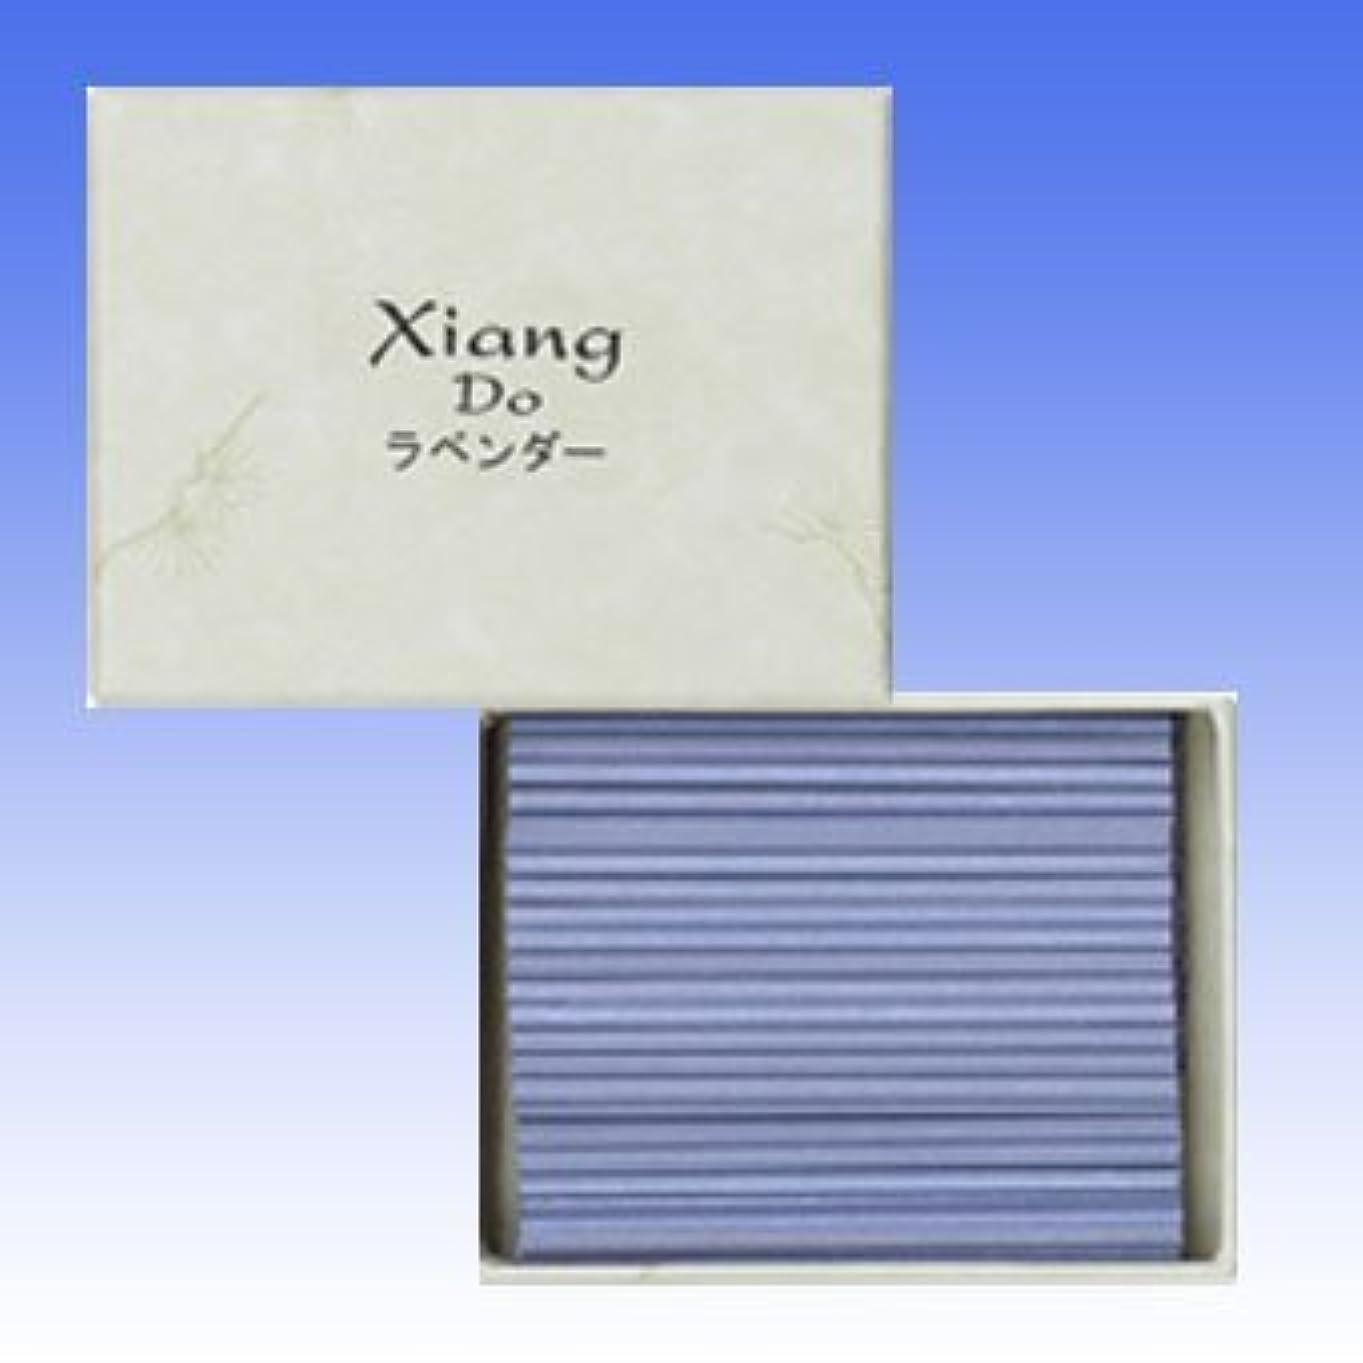 解き明かすマラウイ遺産松栄堂 Xiang Do(シァン ドゥ) 徳用120本入 (ラベンダー)